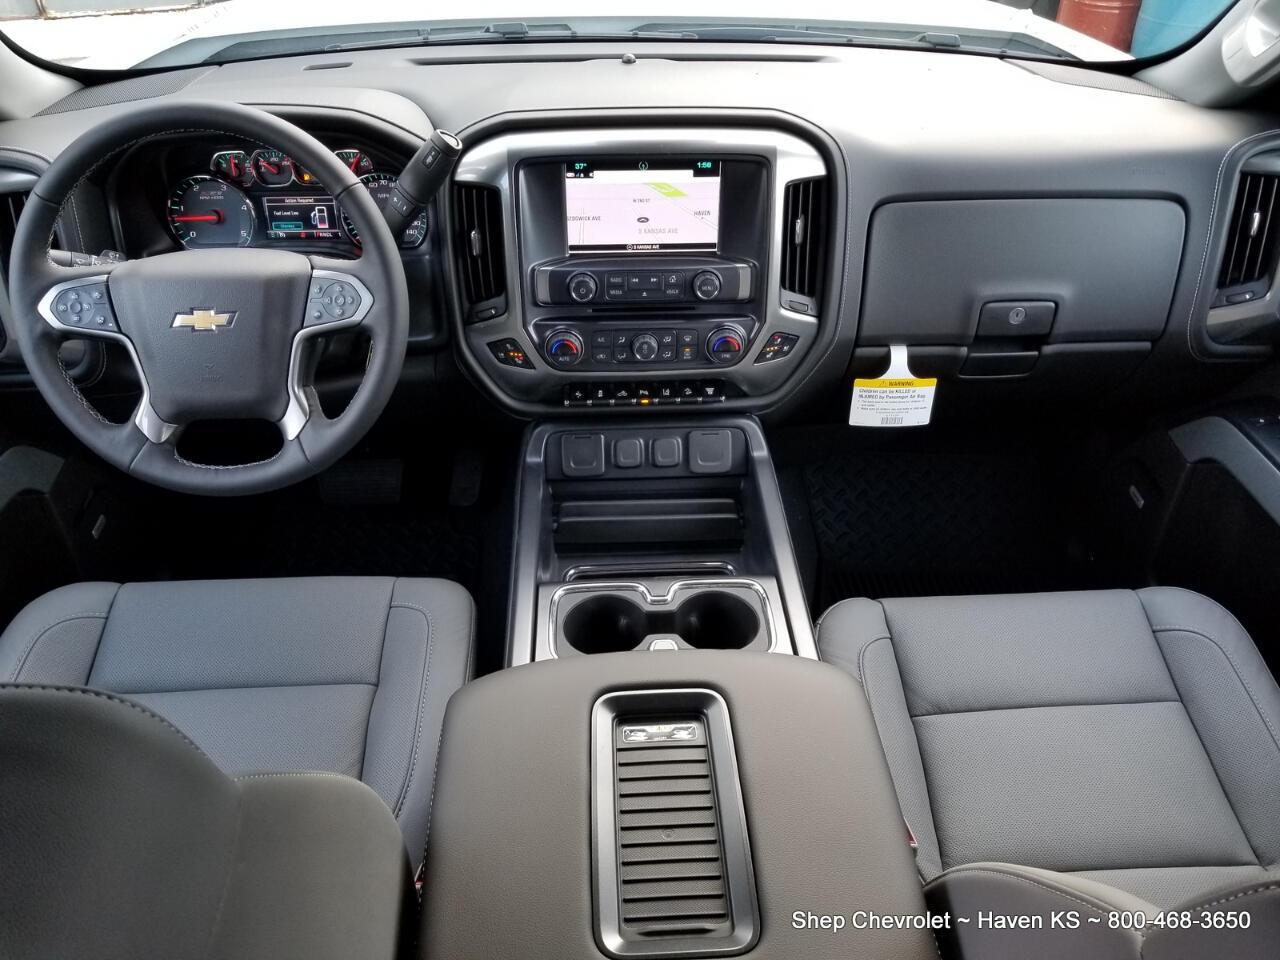 2019 Chevrolet Silverado 2500HD 4WD Crew Cab LTZ w/ Duramax Plus Pkg